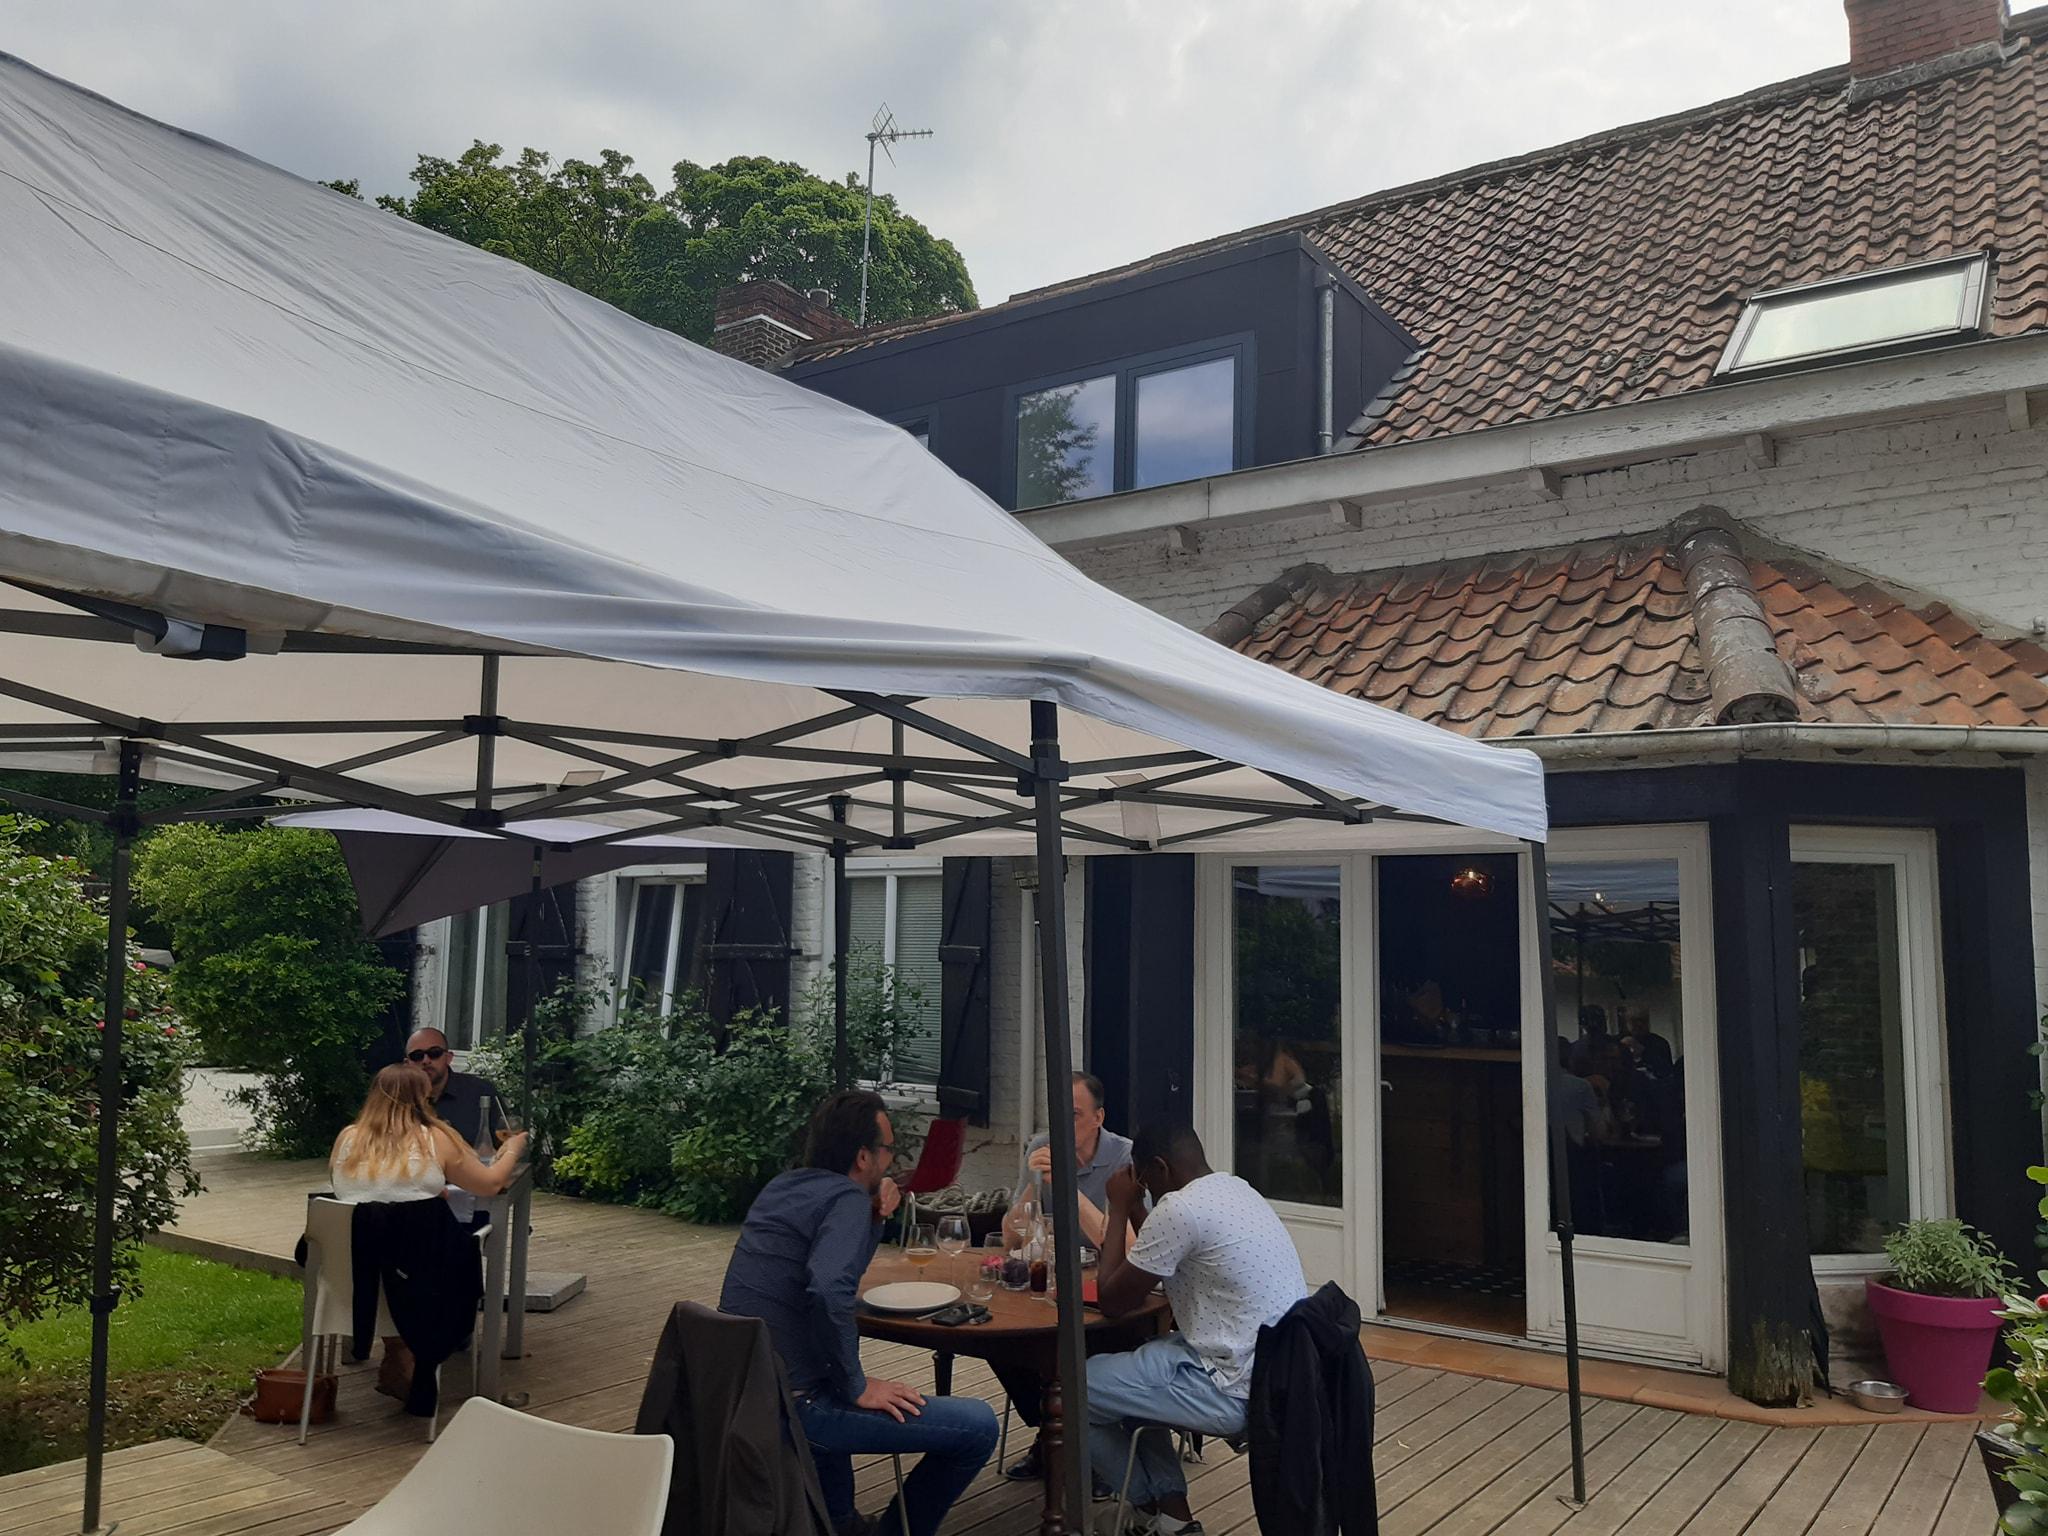 On a testé La Ferme Blanche – Terrasse et gastronomie à Lompret